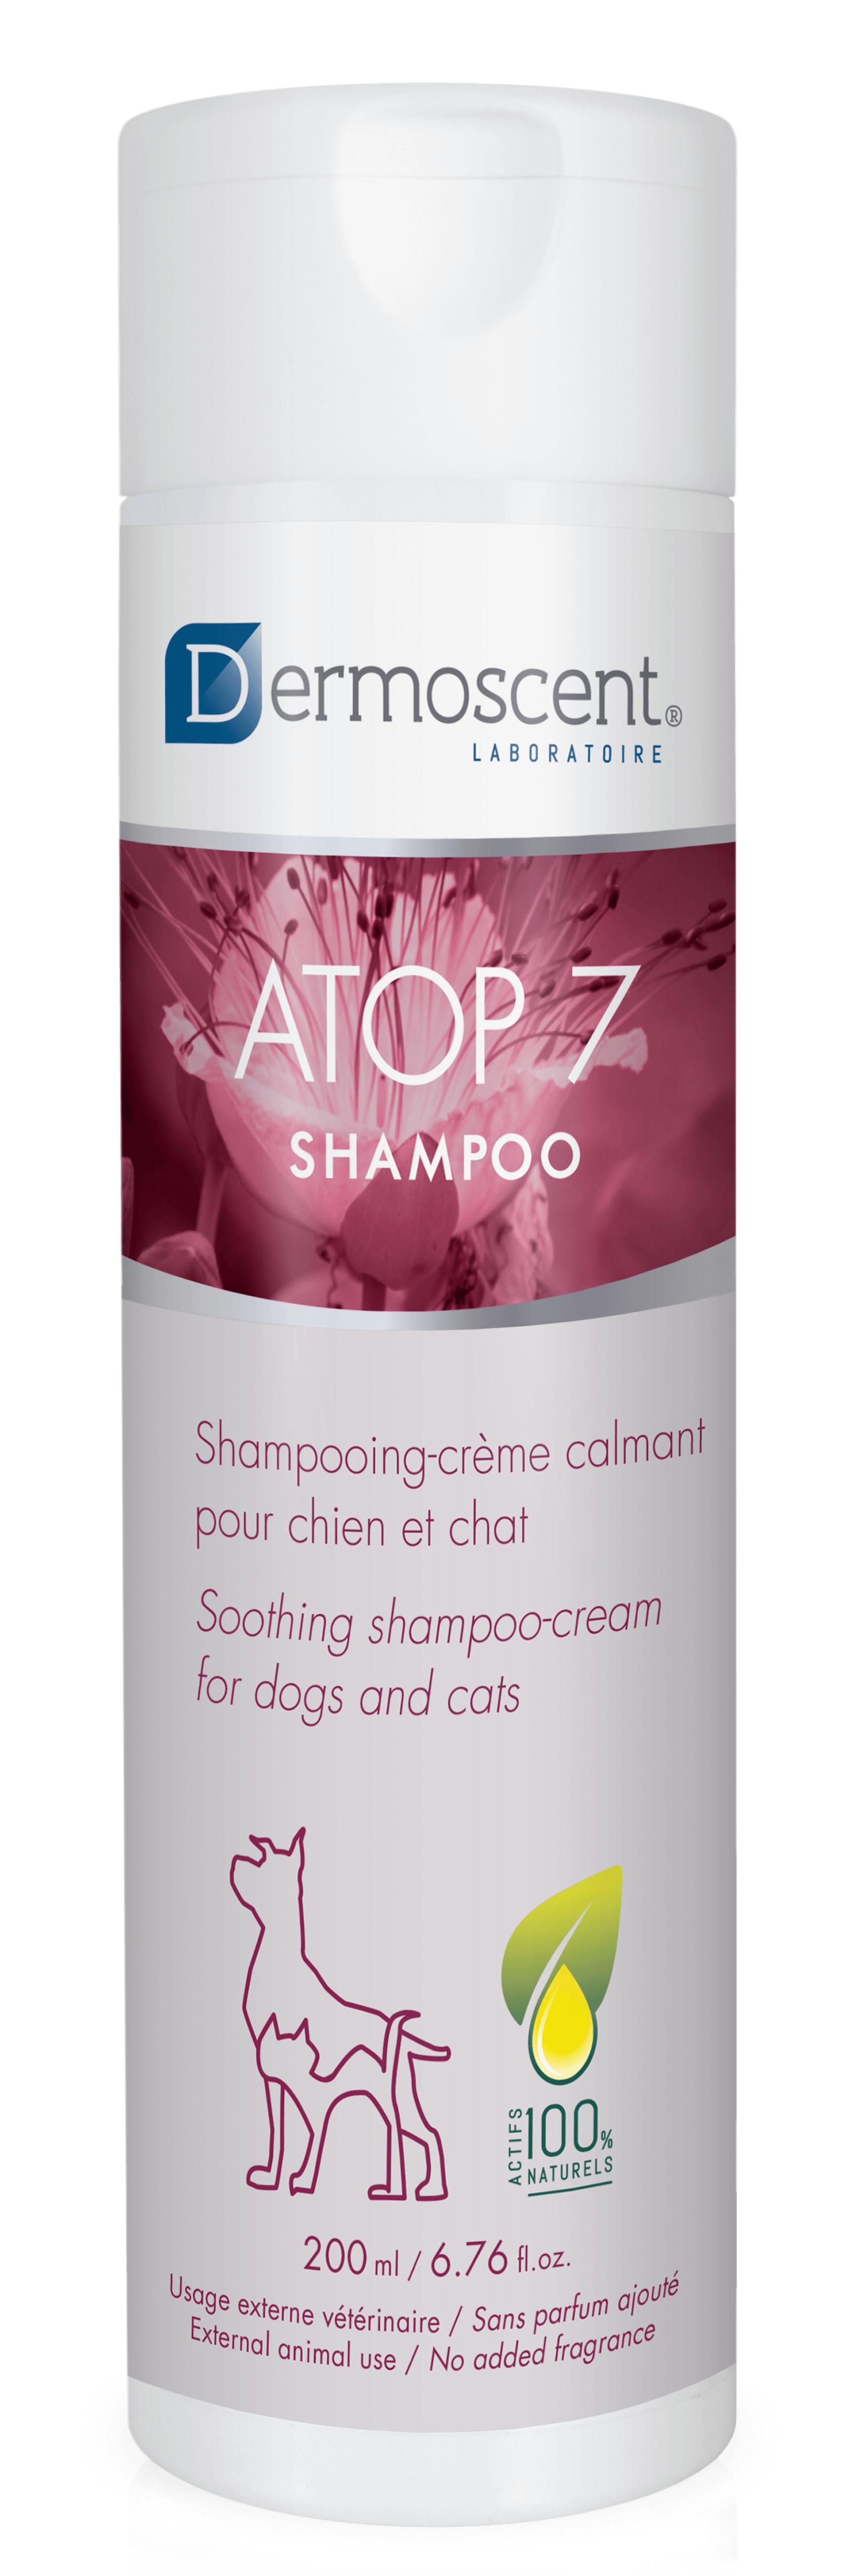 Dermoscent Atop 7 Shampoo voor hond en kat